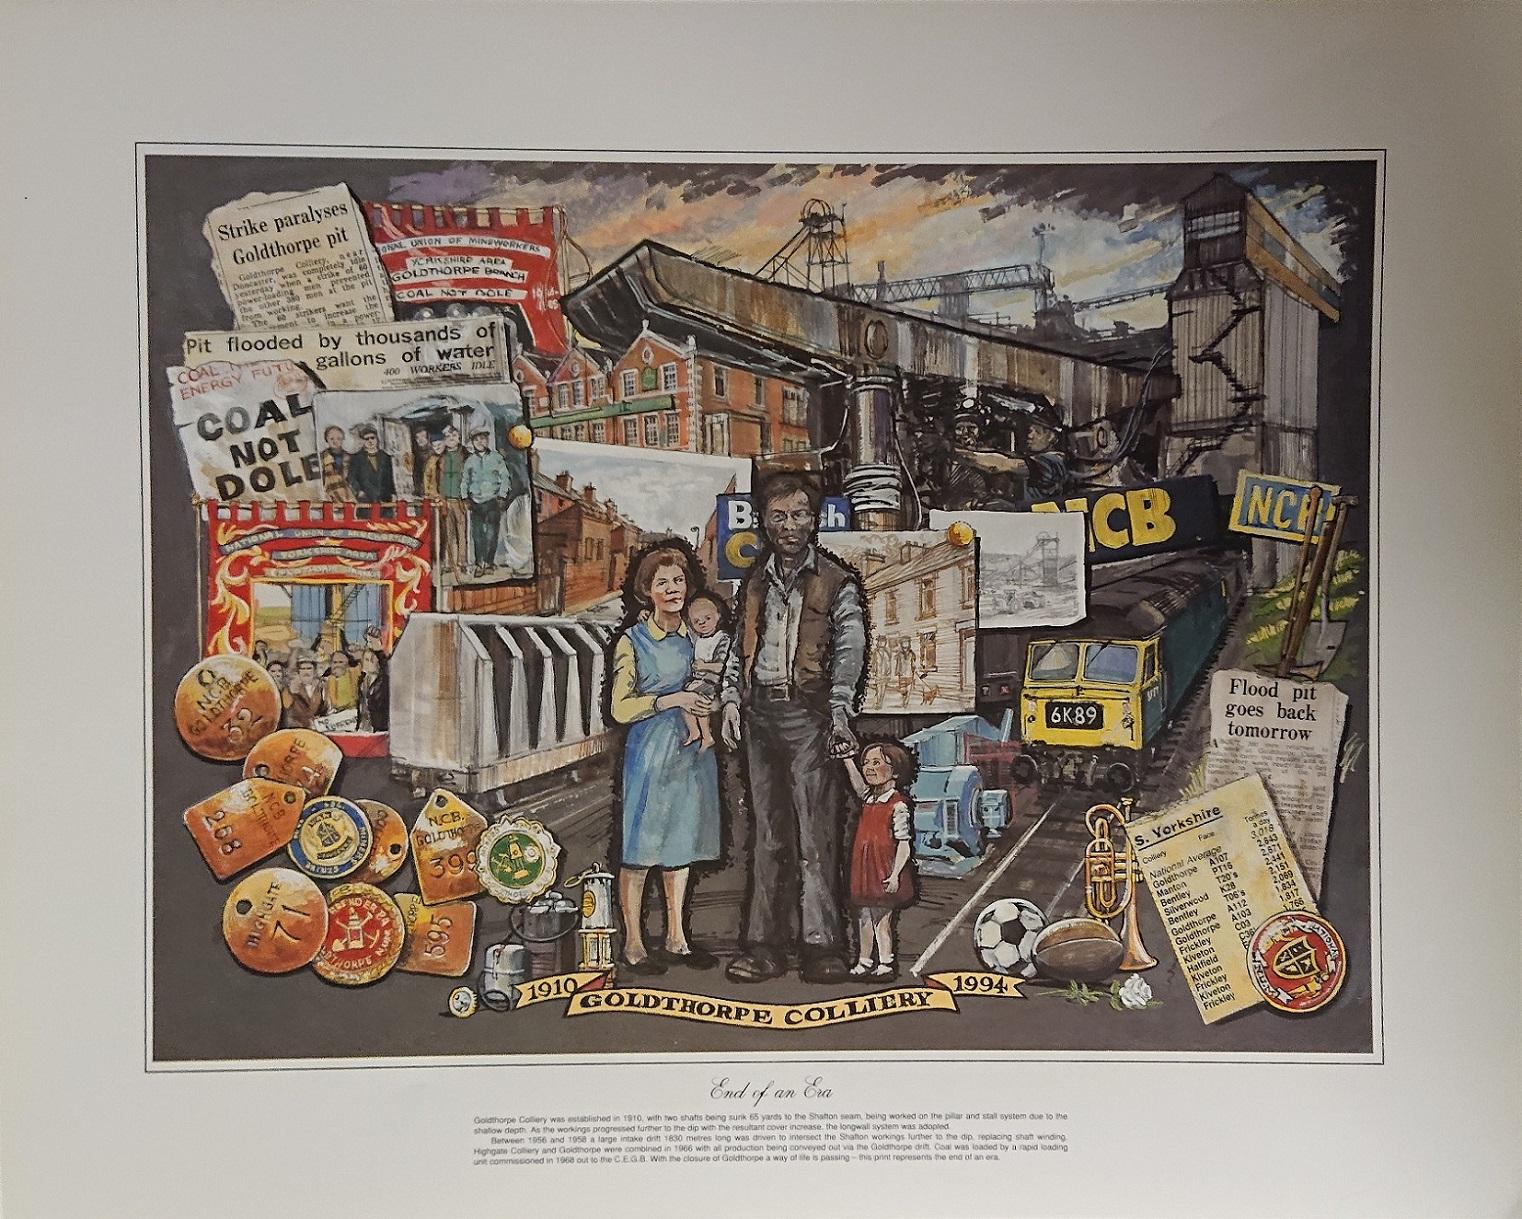 1910 - 1994 Goldthorpe Print